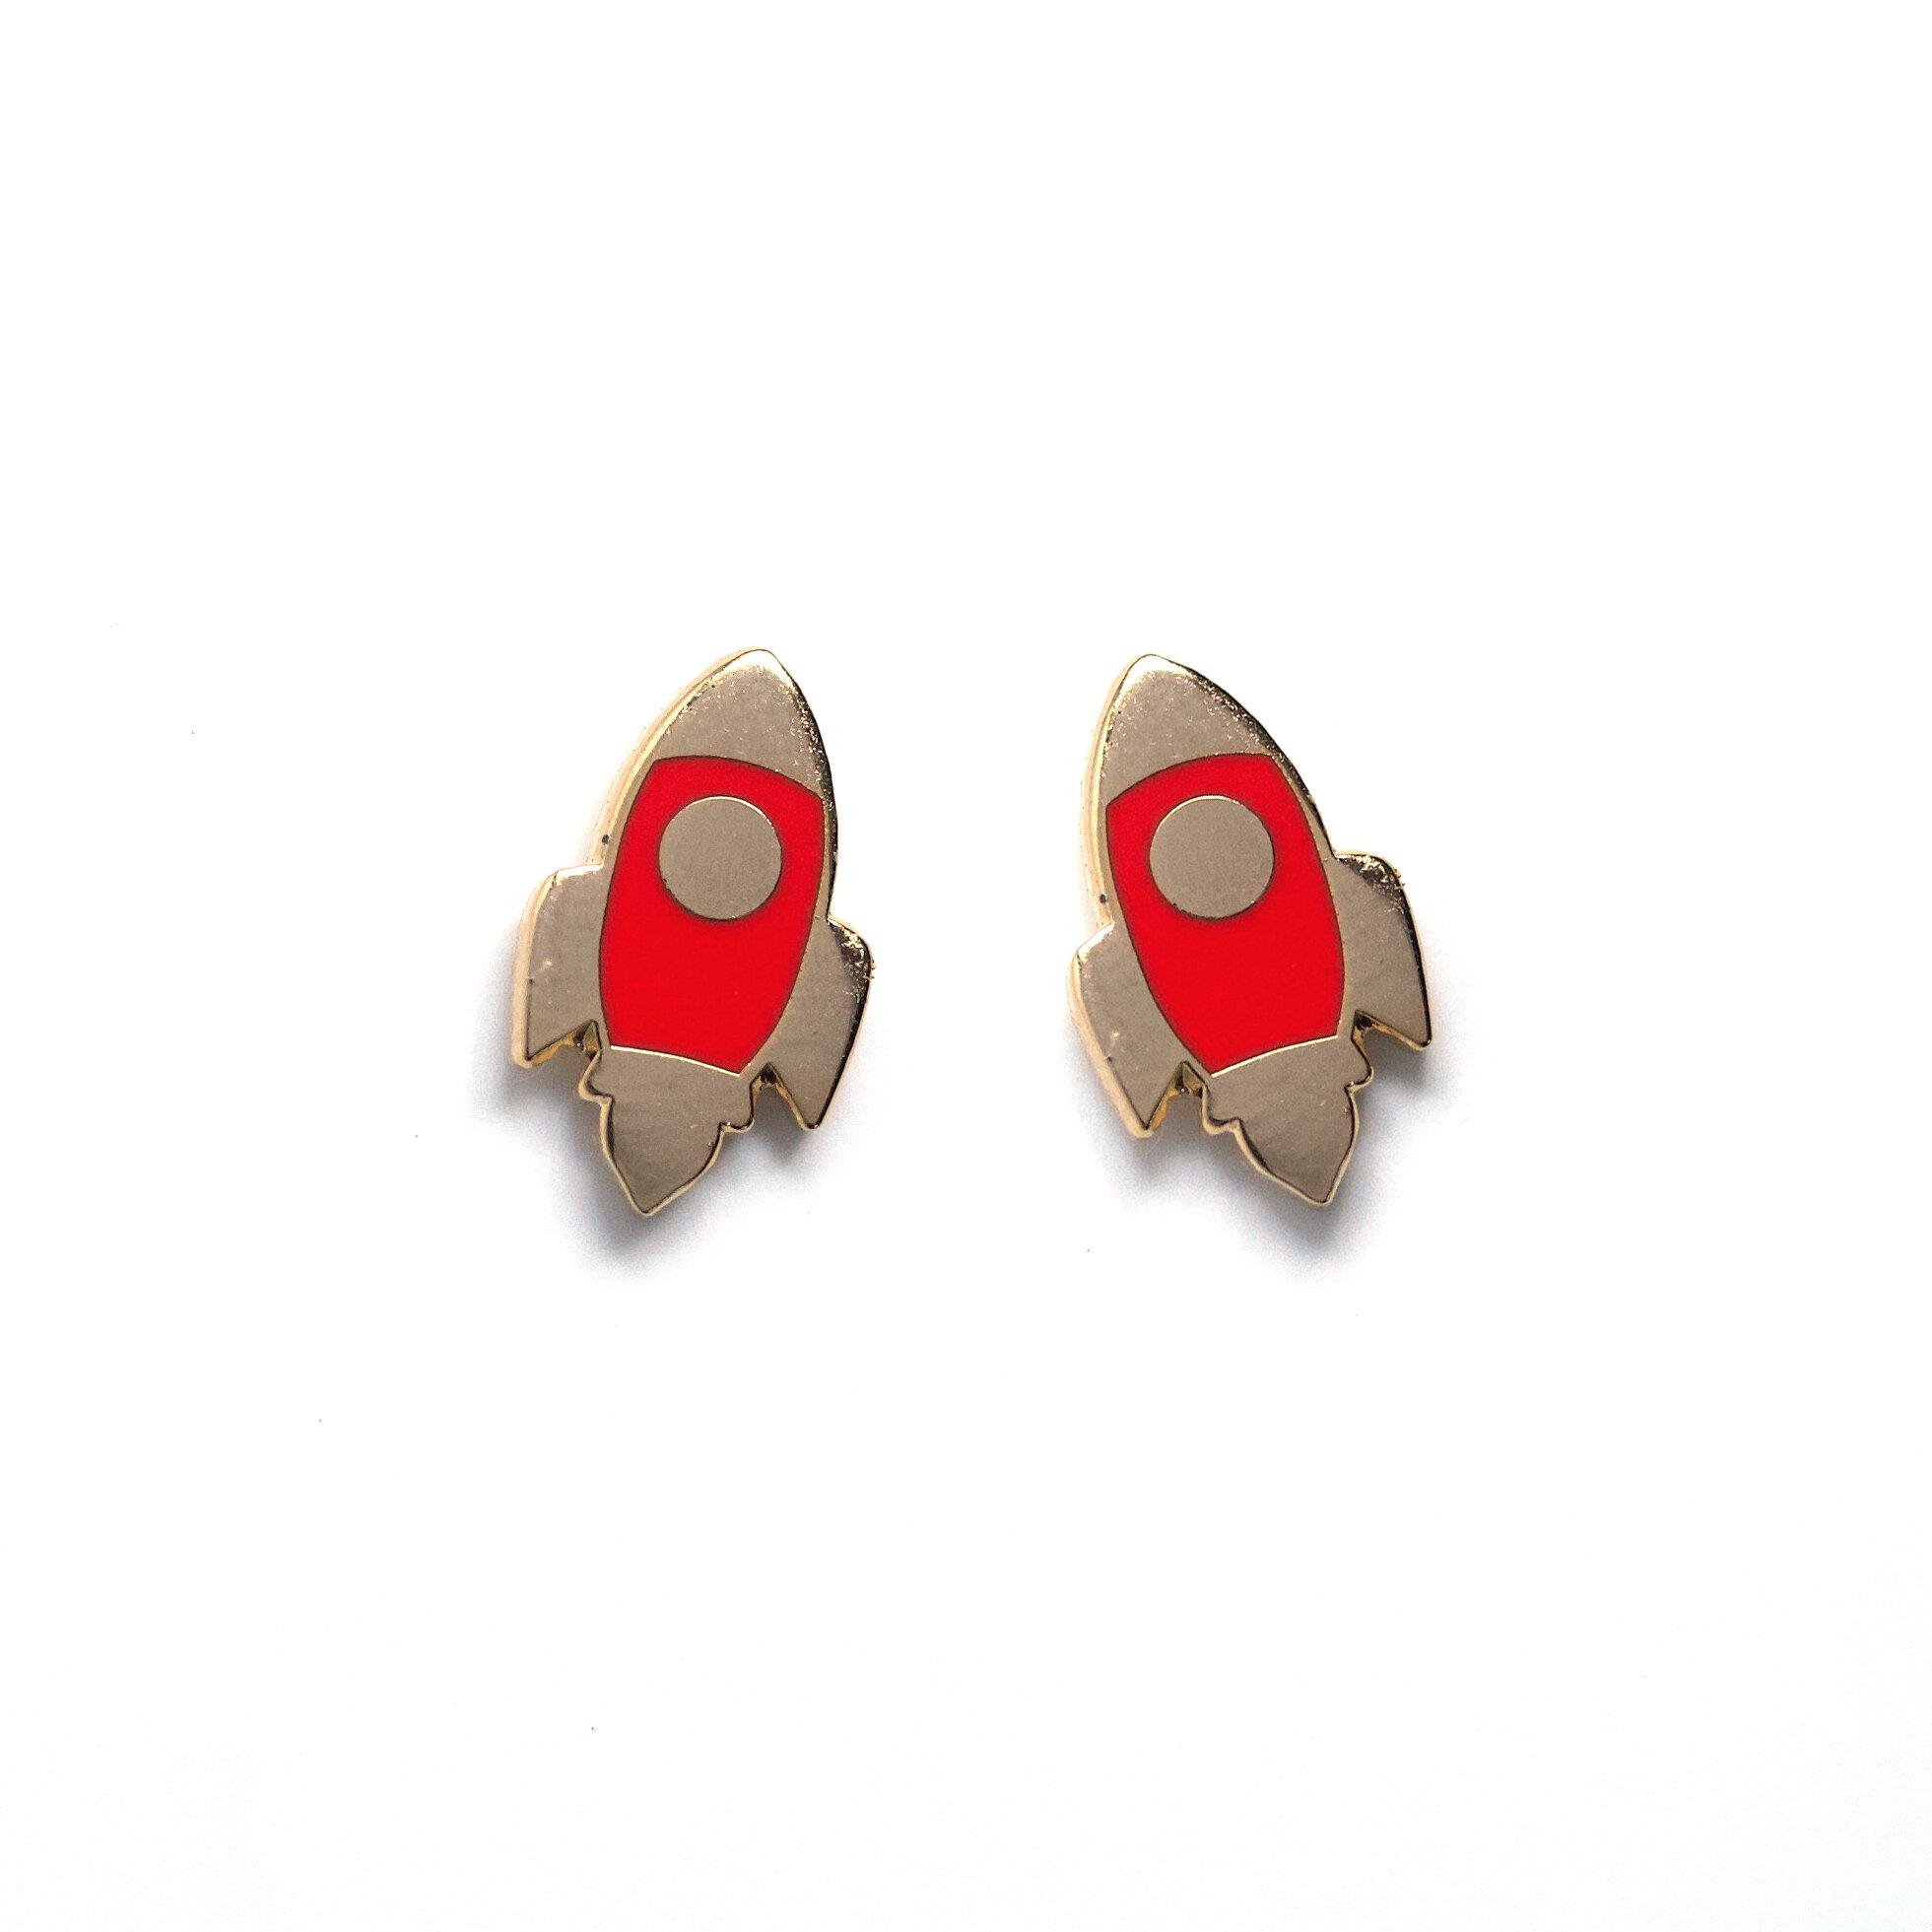 E1 - Red Rocket Earrings